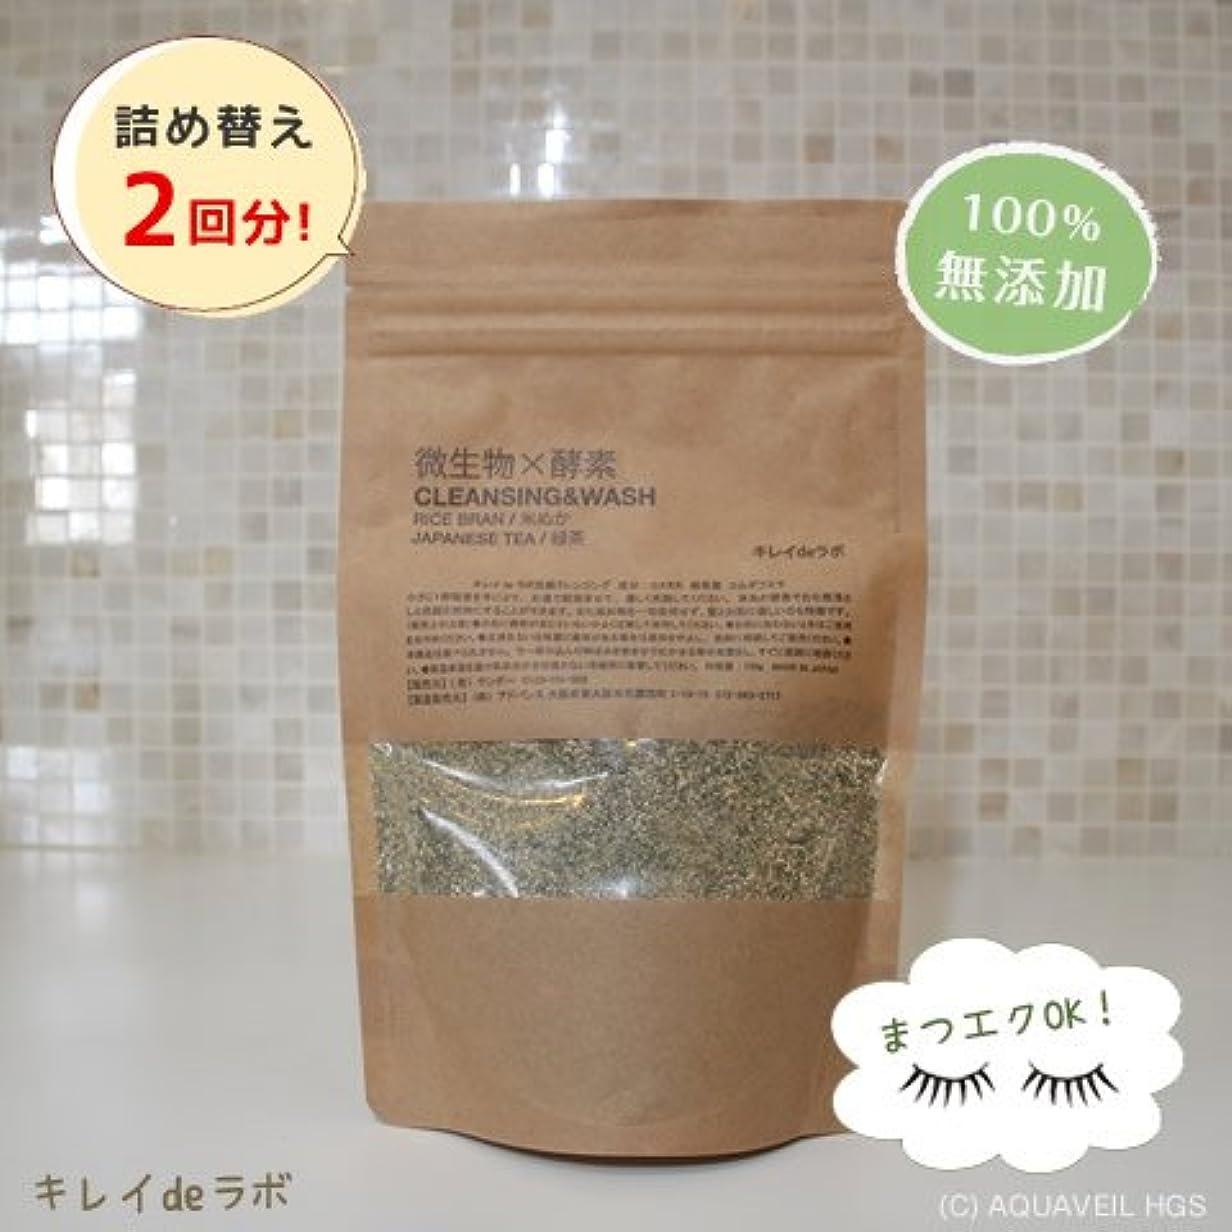 花婿プレミアム象微生物×酵素 米ぬか緑茶洗顔クレンジング100%無添加 マツエクOK … (詰替え 150g) みんなでみらいを 米ぬか使用